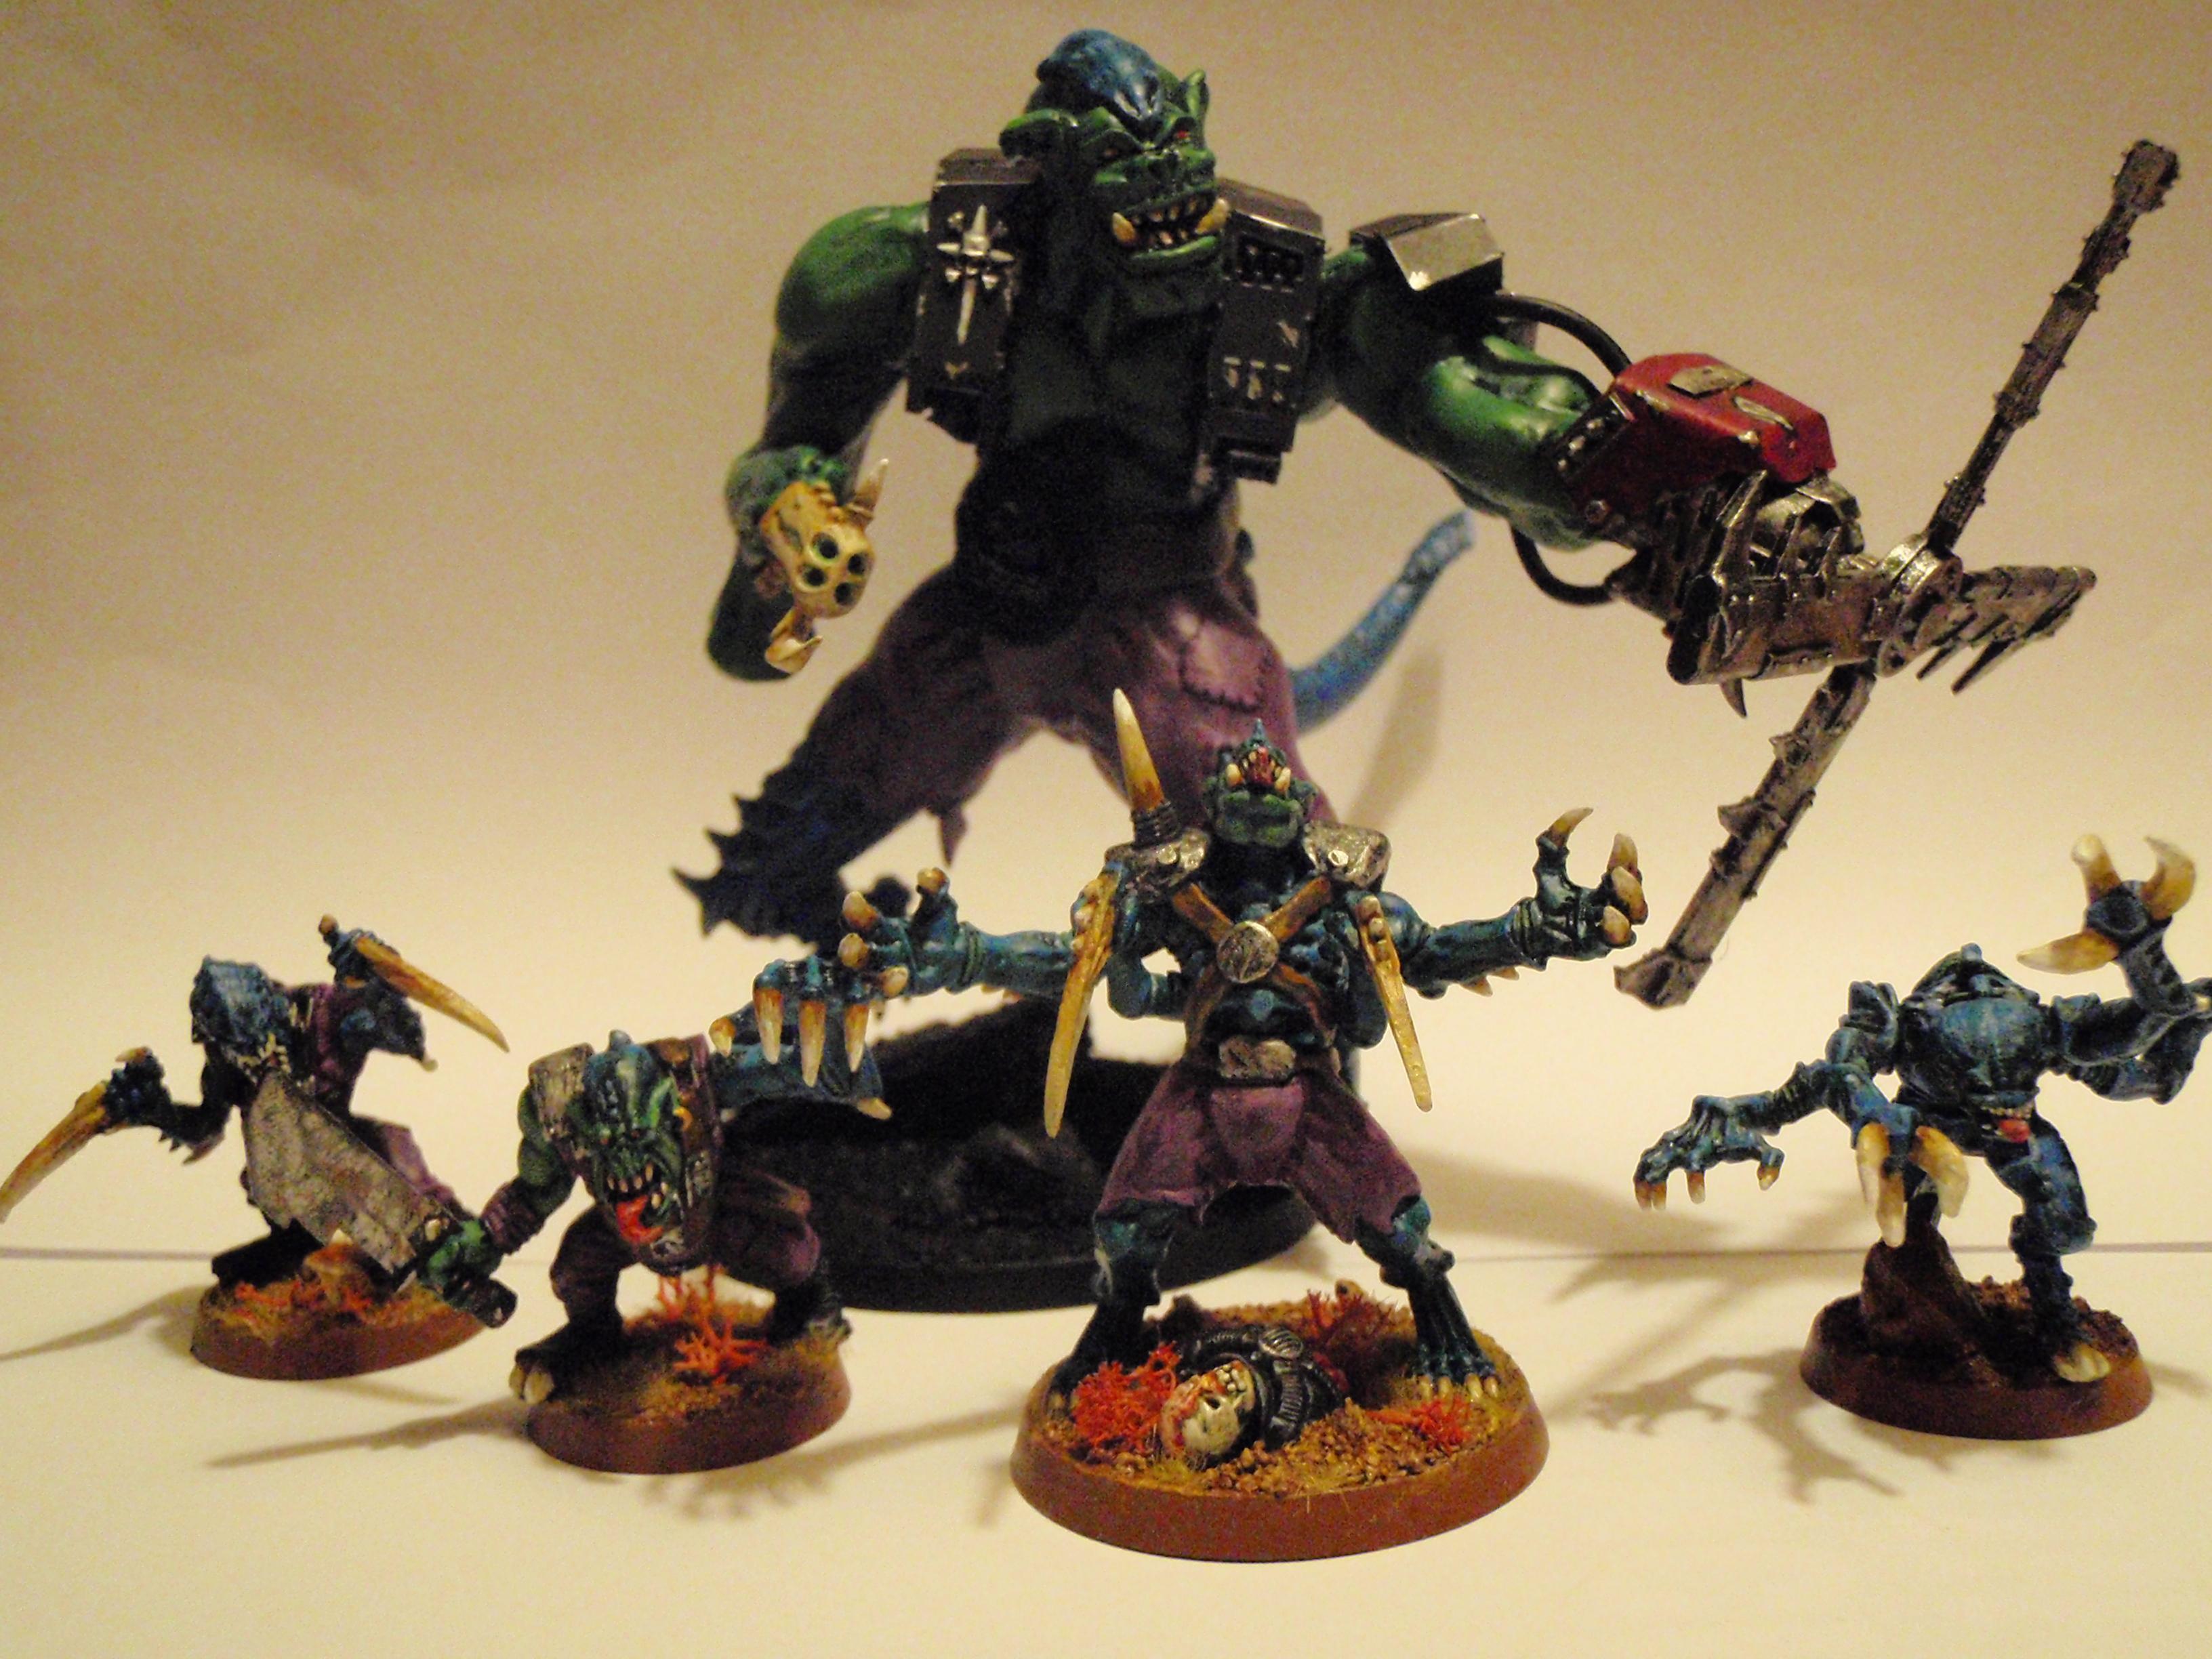 Genestealer, Genestealer Cult, Orks